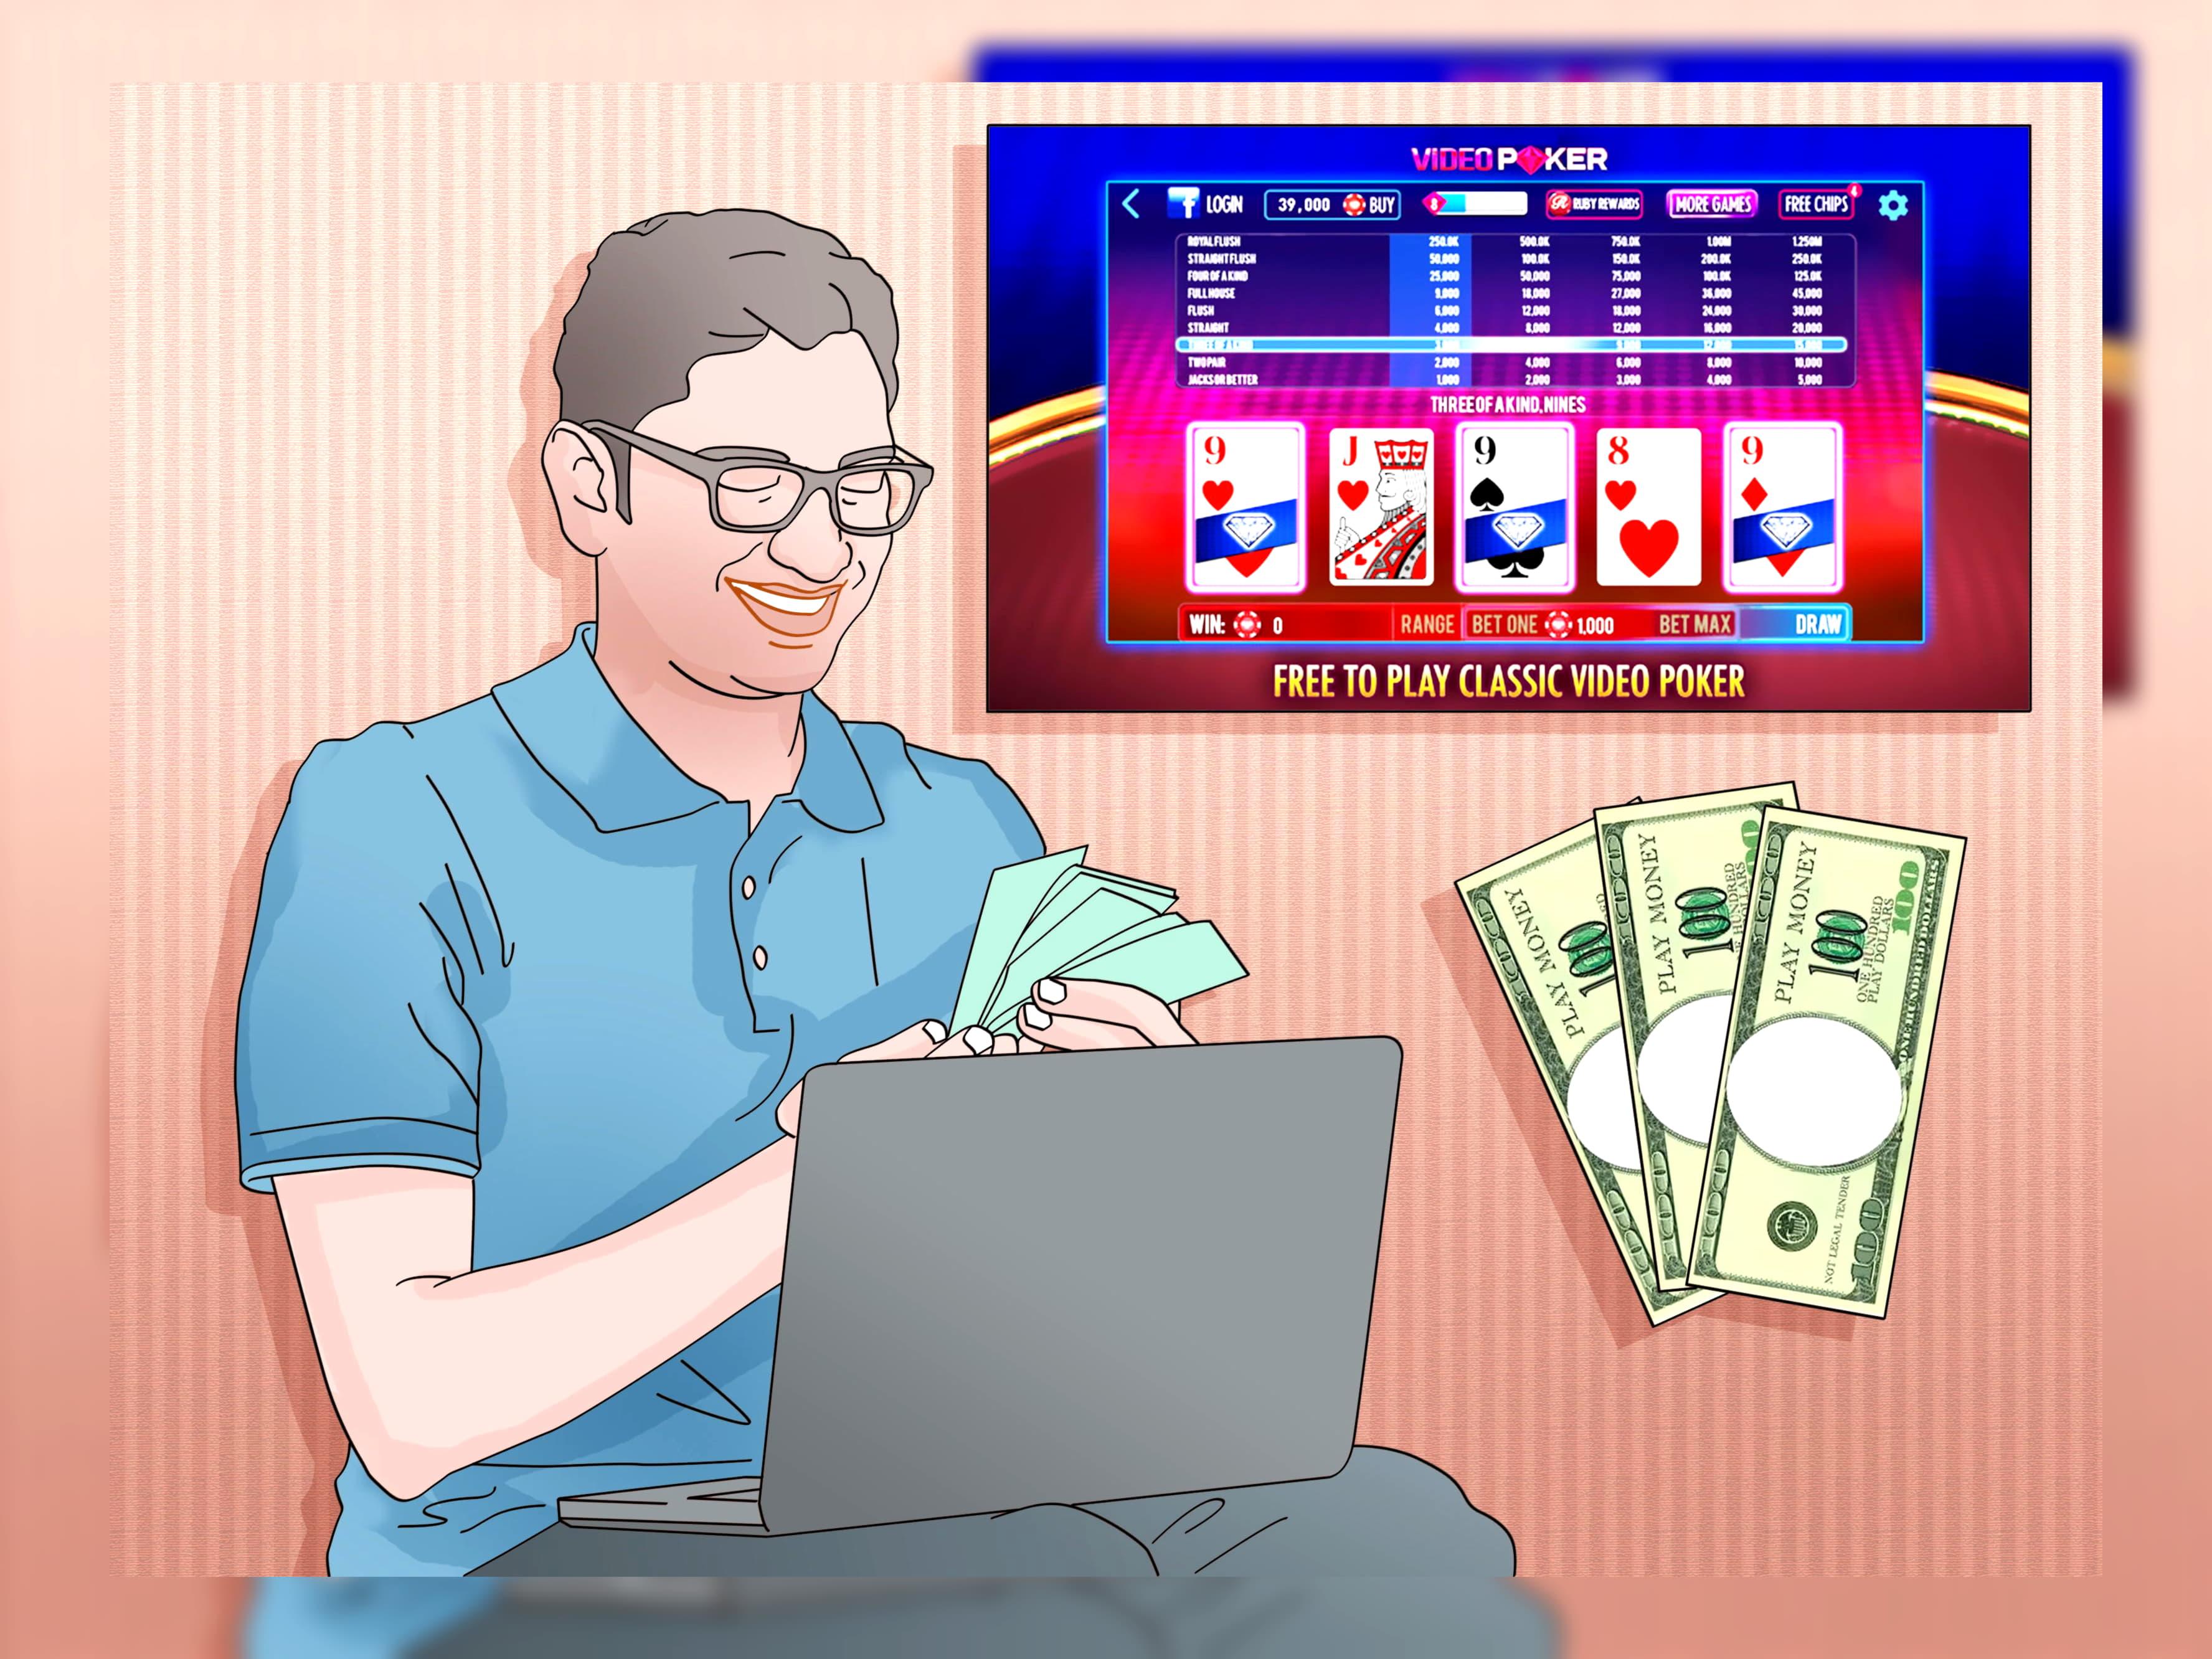 55 ฟรีสปินไม่มีเงินฝากที่ Bovada Casino